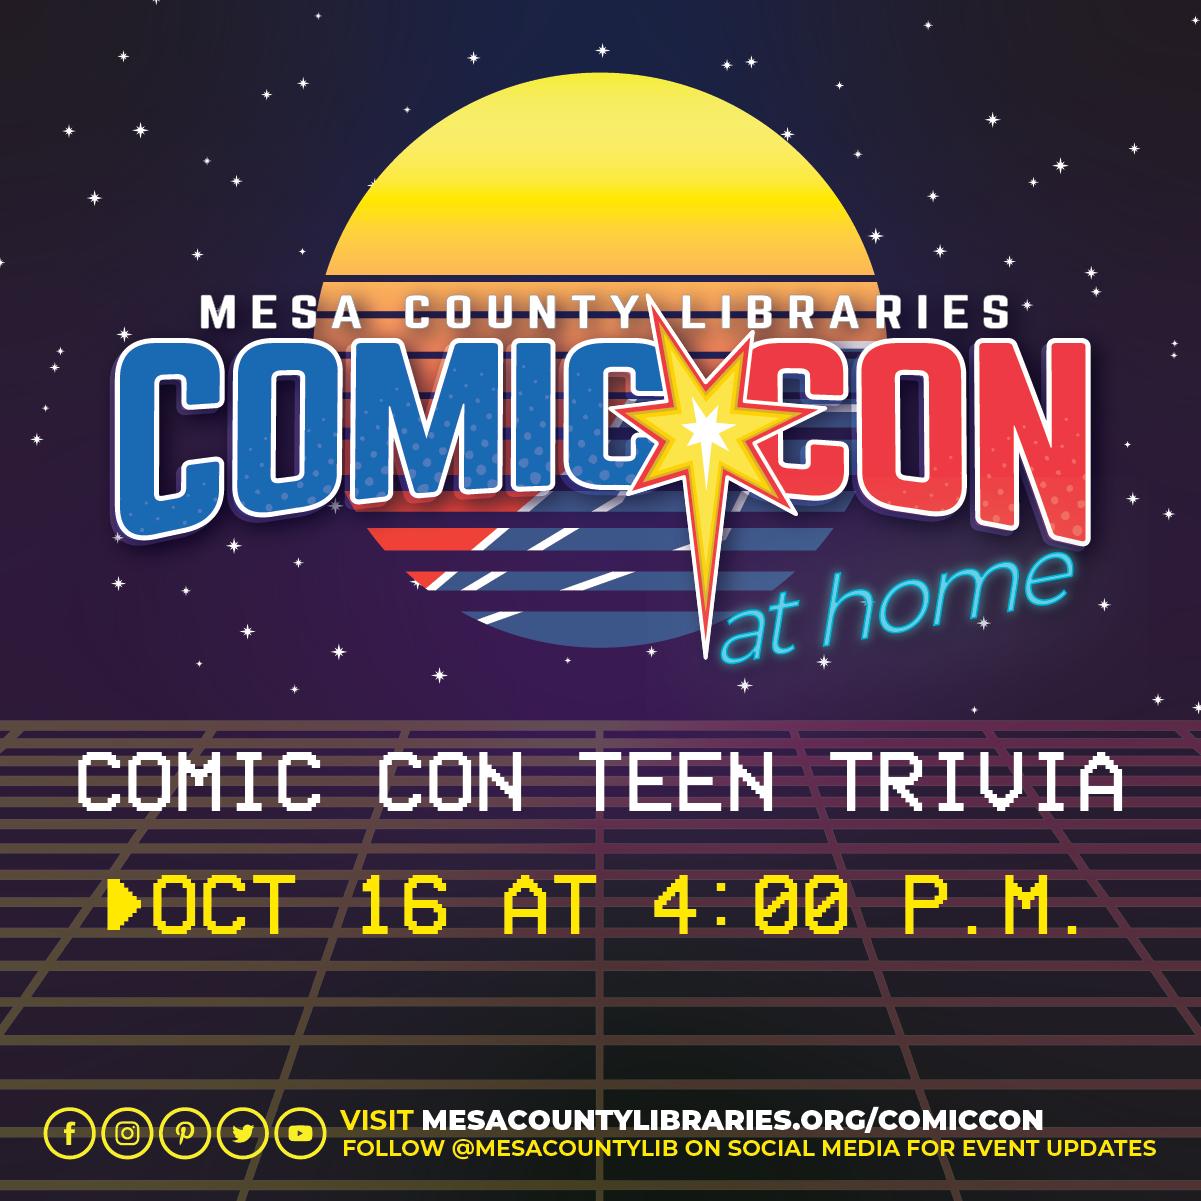 VIRTUAL Comic Con Teen Trivia